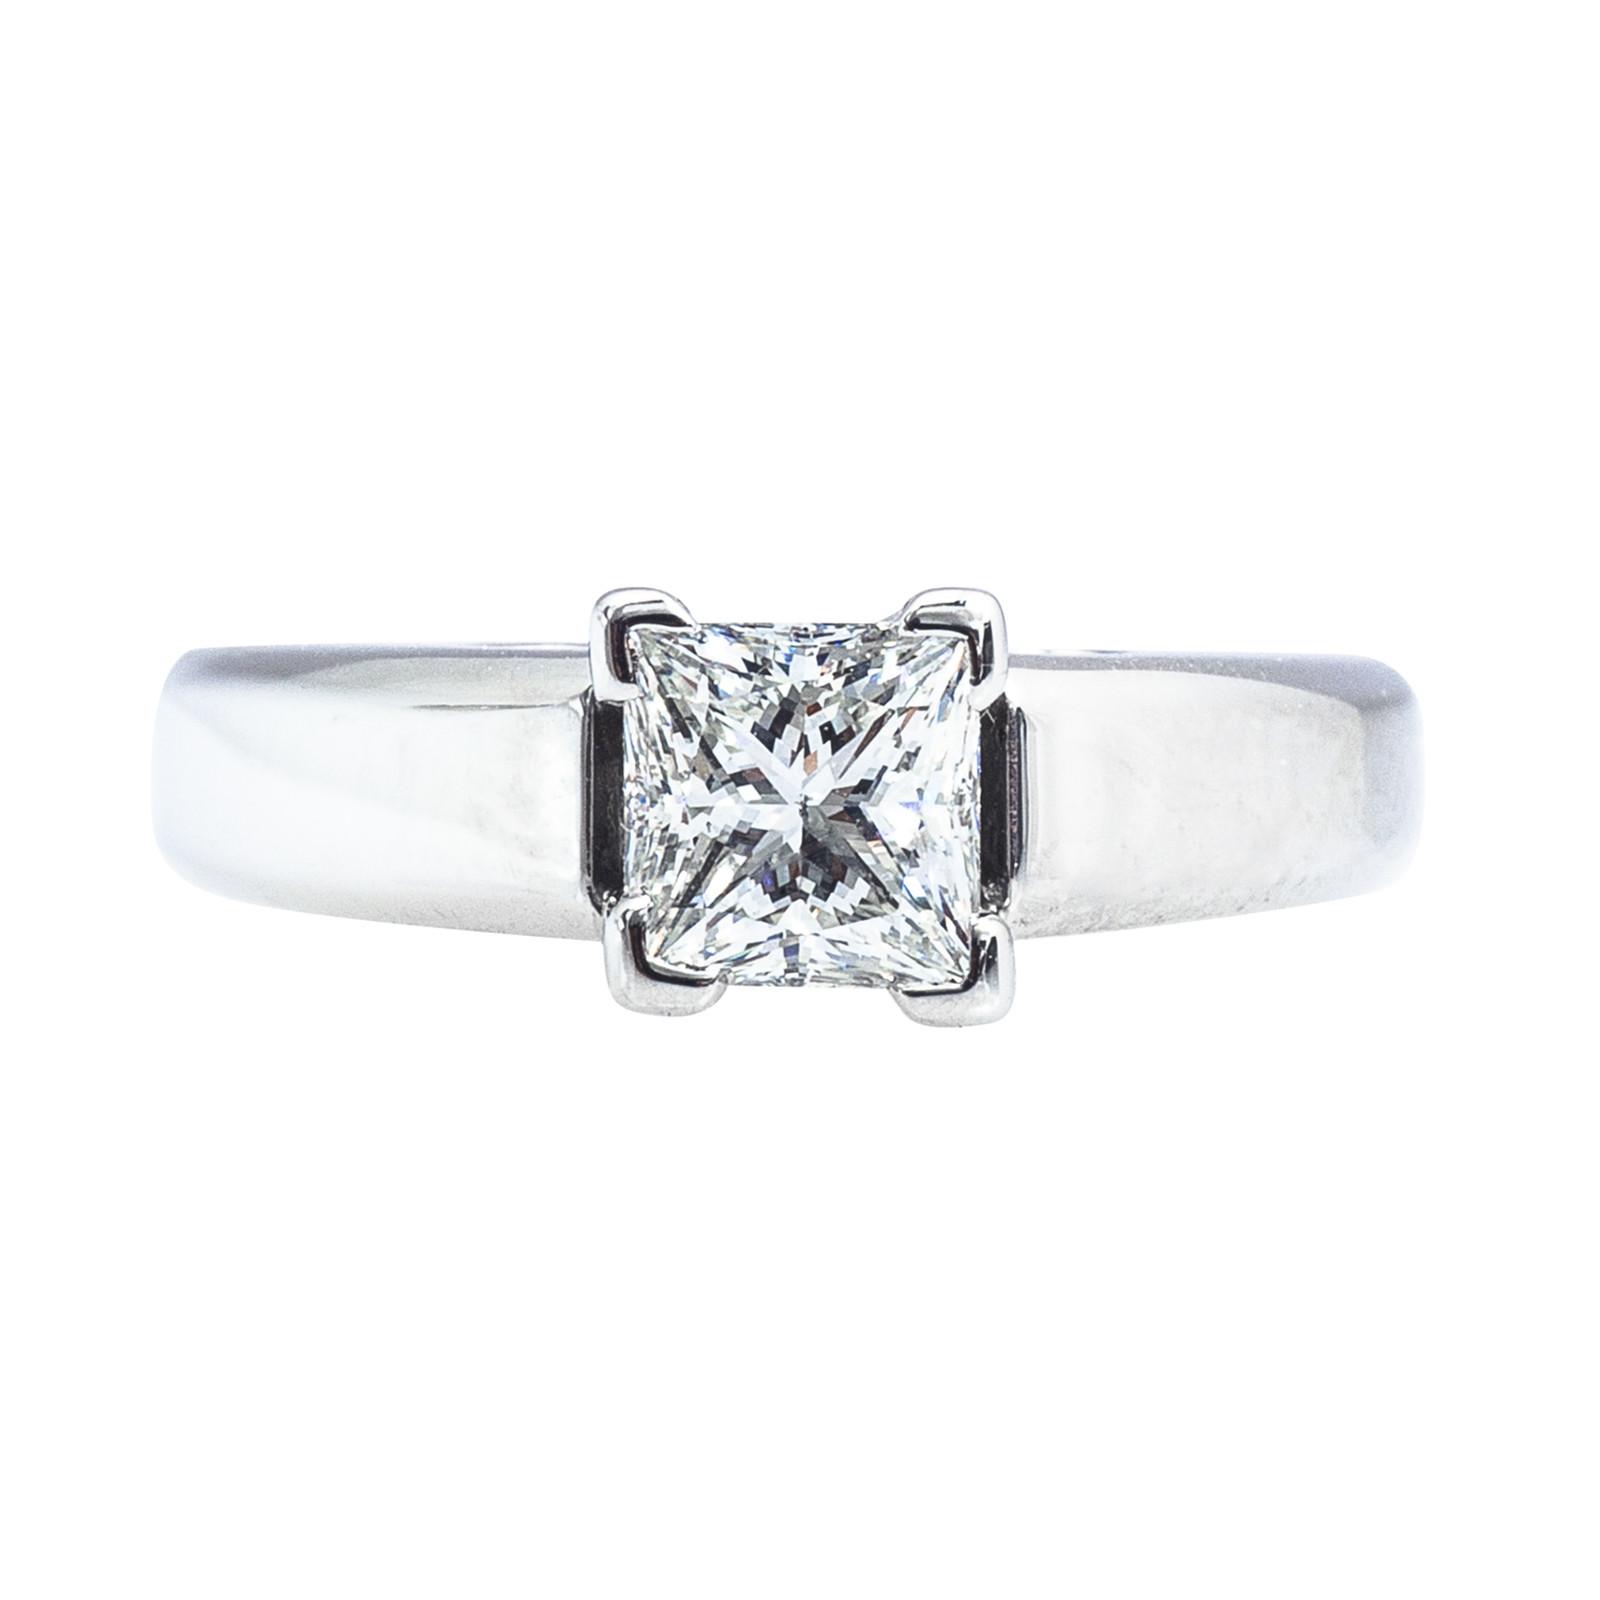 Vintage Scott Kay 1.03 CT Princess Cut Diamond Solitaire Engagement Ring